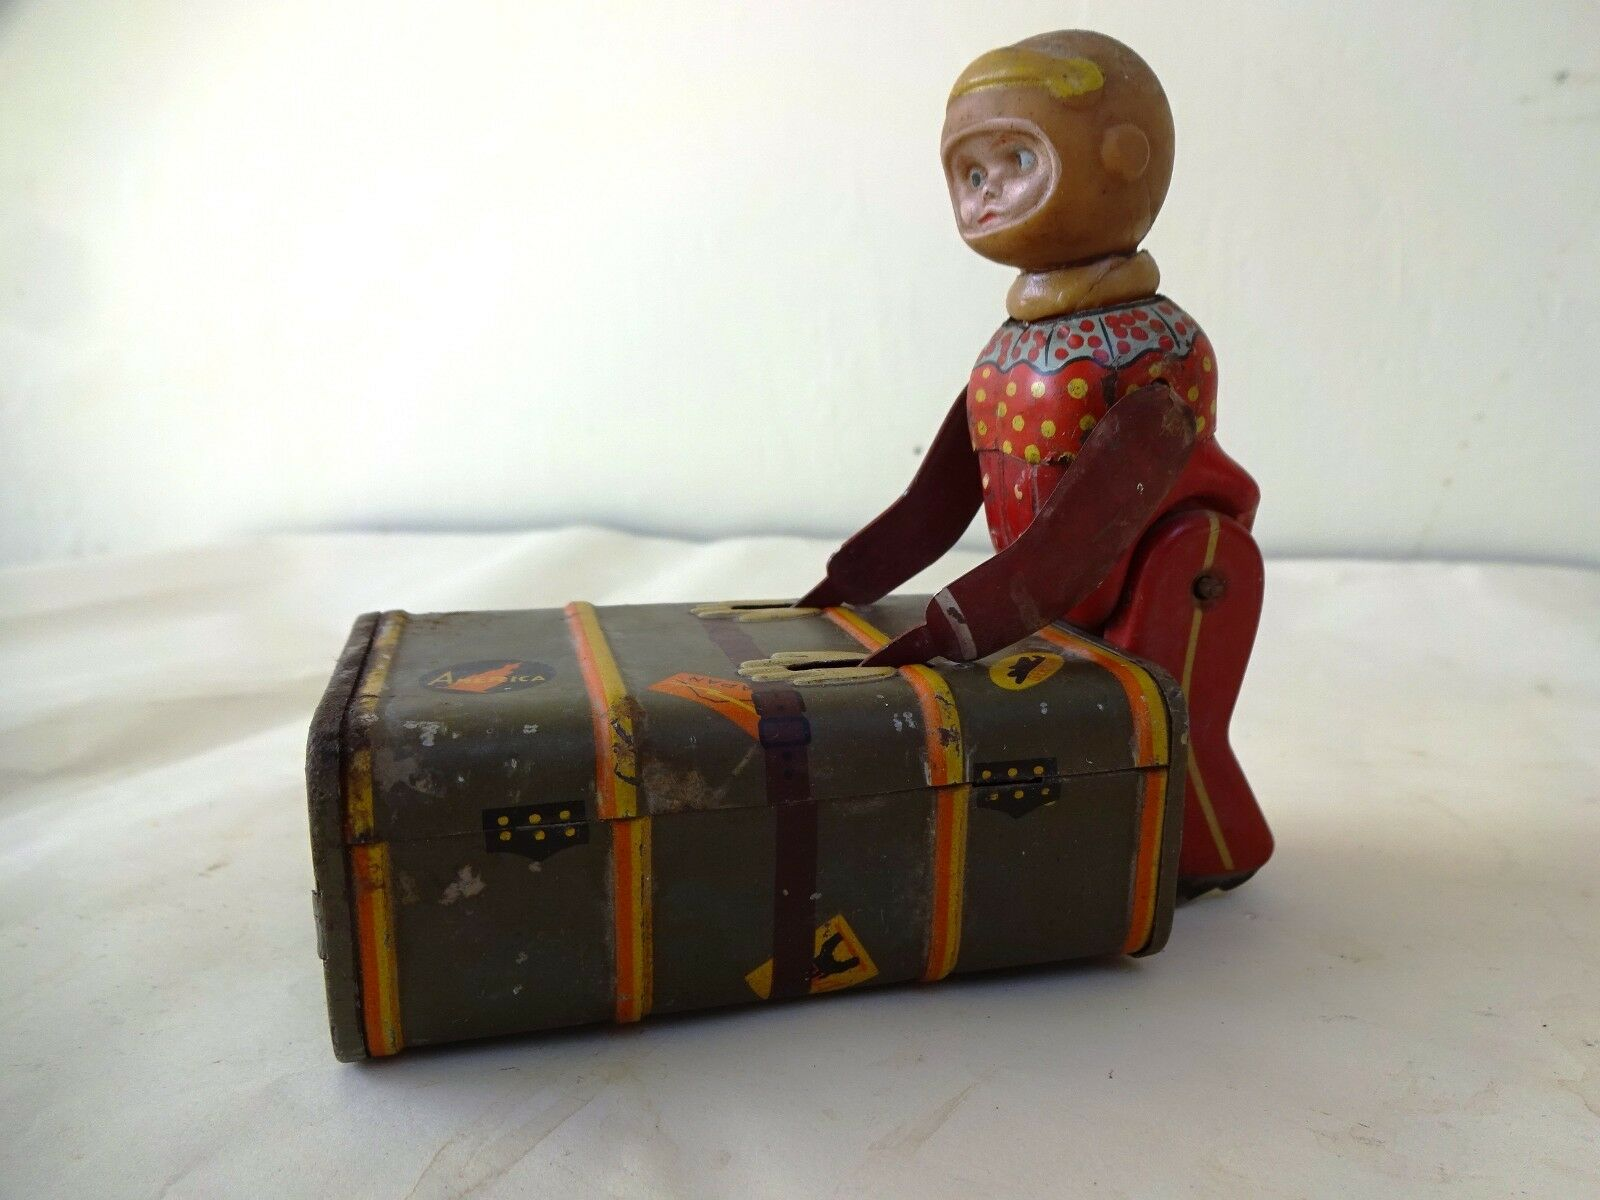 Antiguo Juguete De Hojalata Express Niño Equipaje Porter mecánico hecha en japón de colección